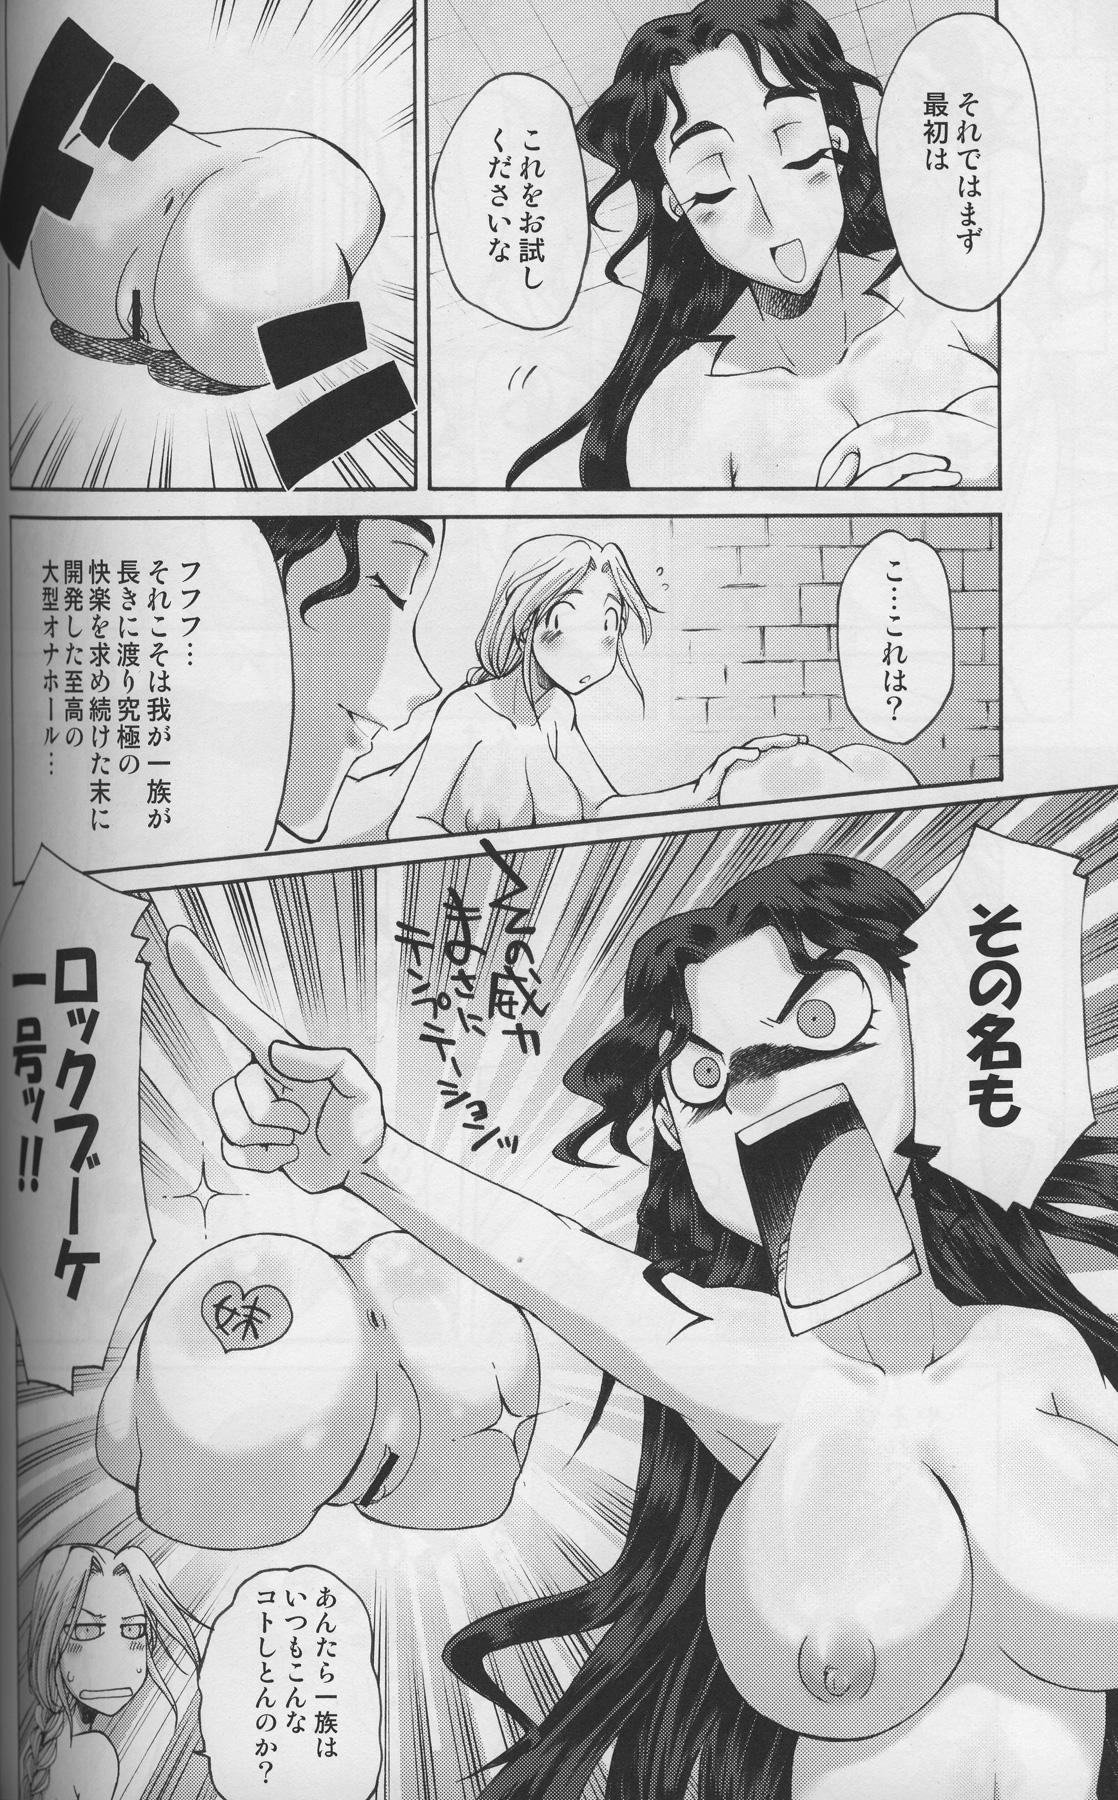 Komakasugite Tsutawaranai Ero Doujin Senshuken Haru no Nijikan SPECIAL 49